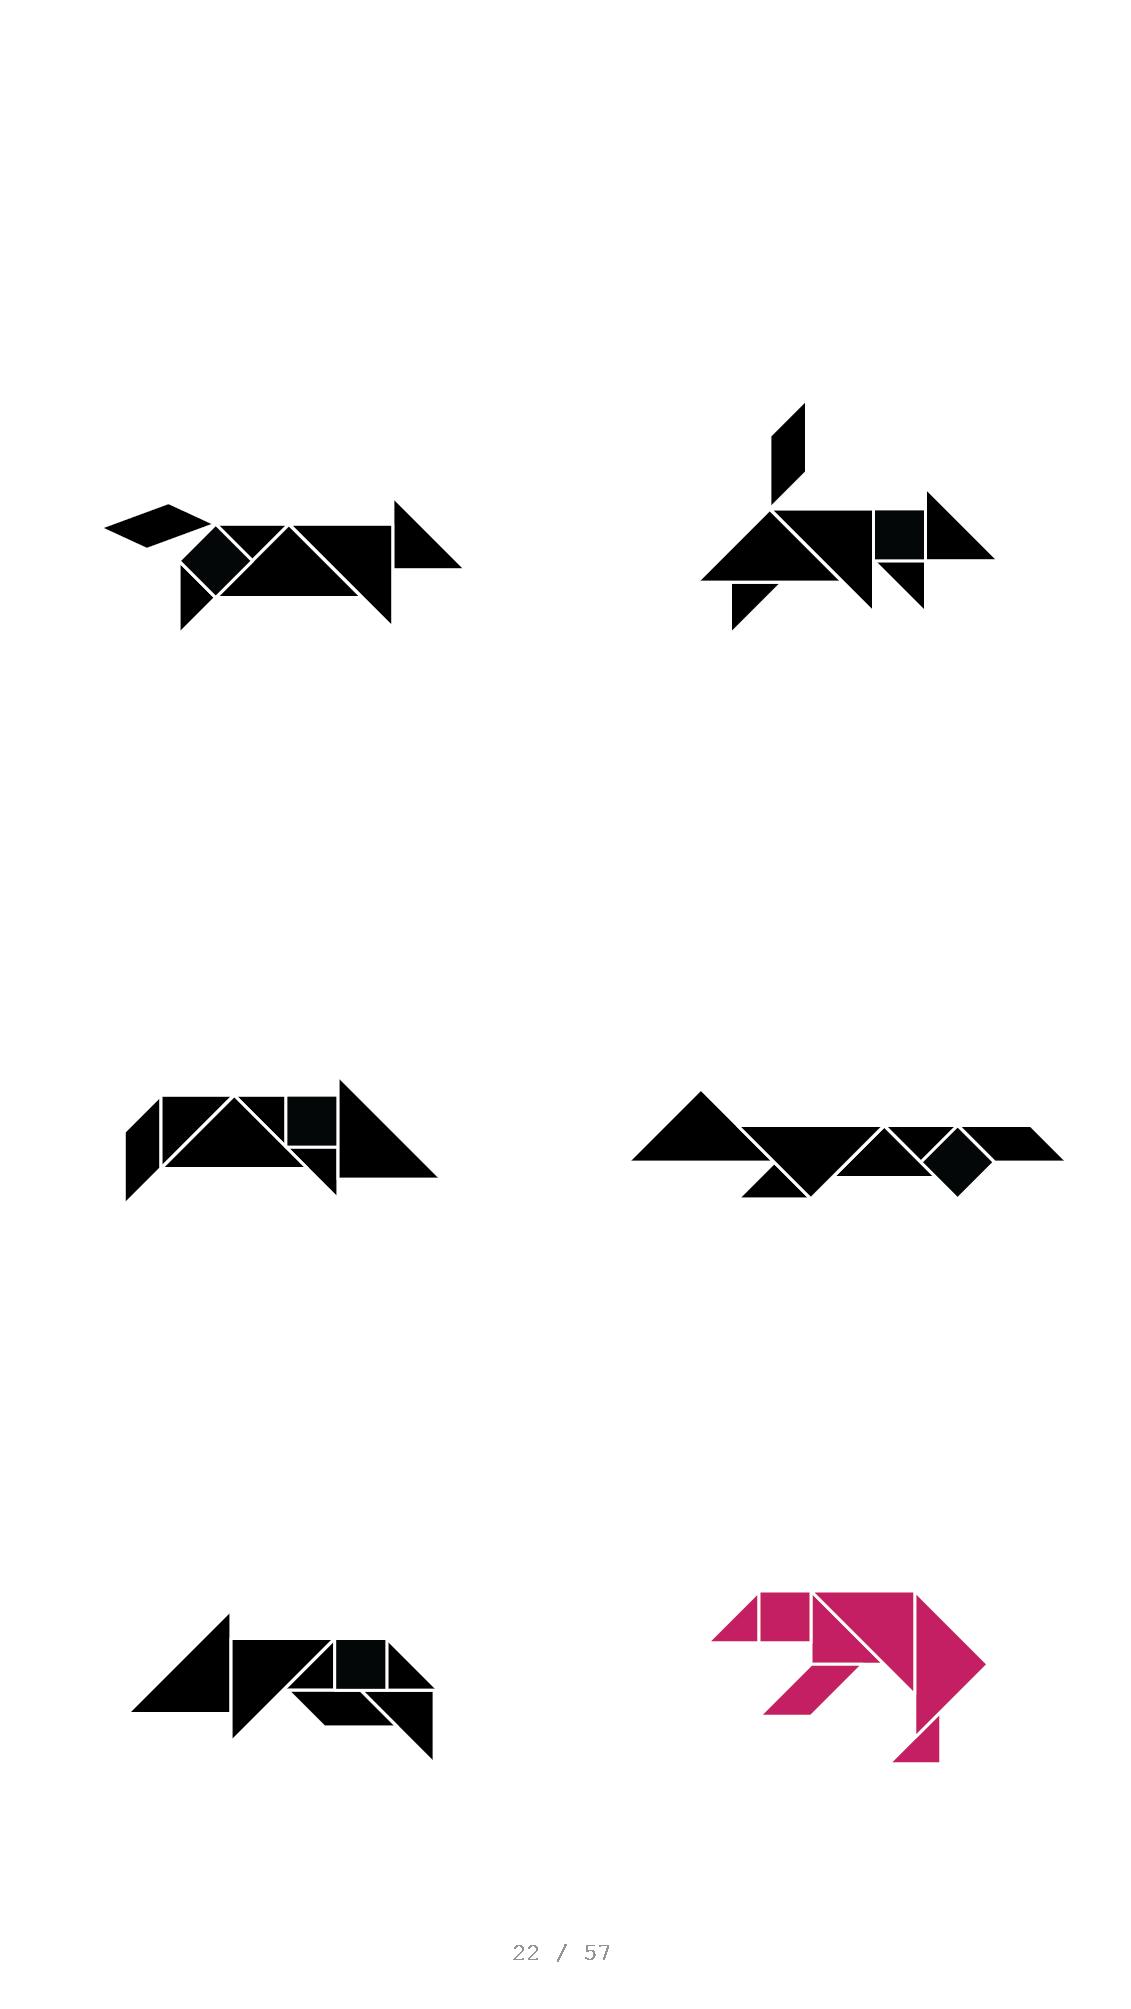 Tangram_Layout_2x3_schwarz-22